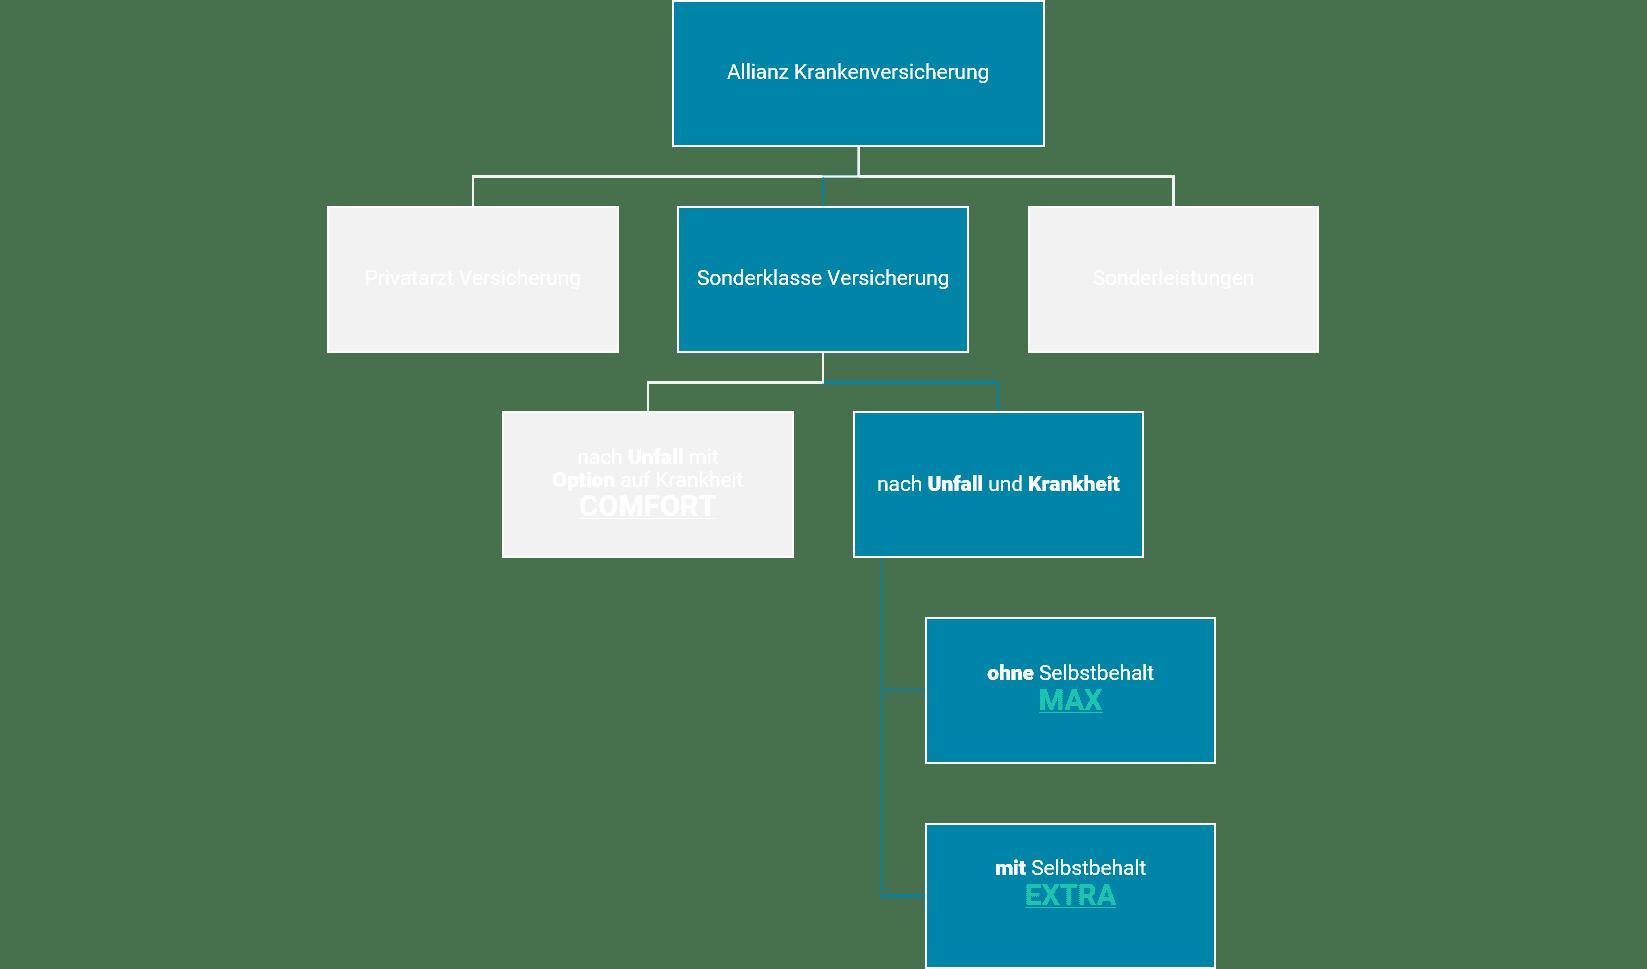 Allianz Krankenversicherung Sonderklasse nach Unfall und Krankheit